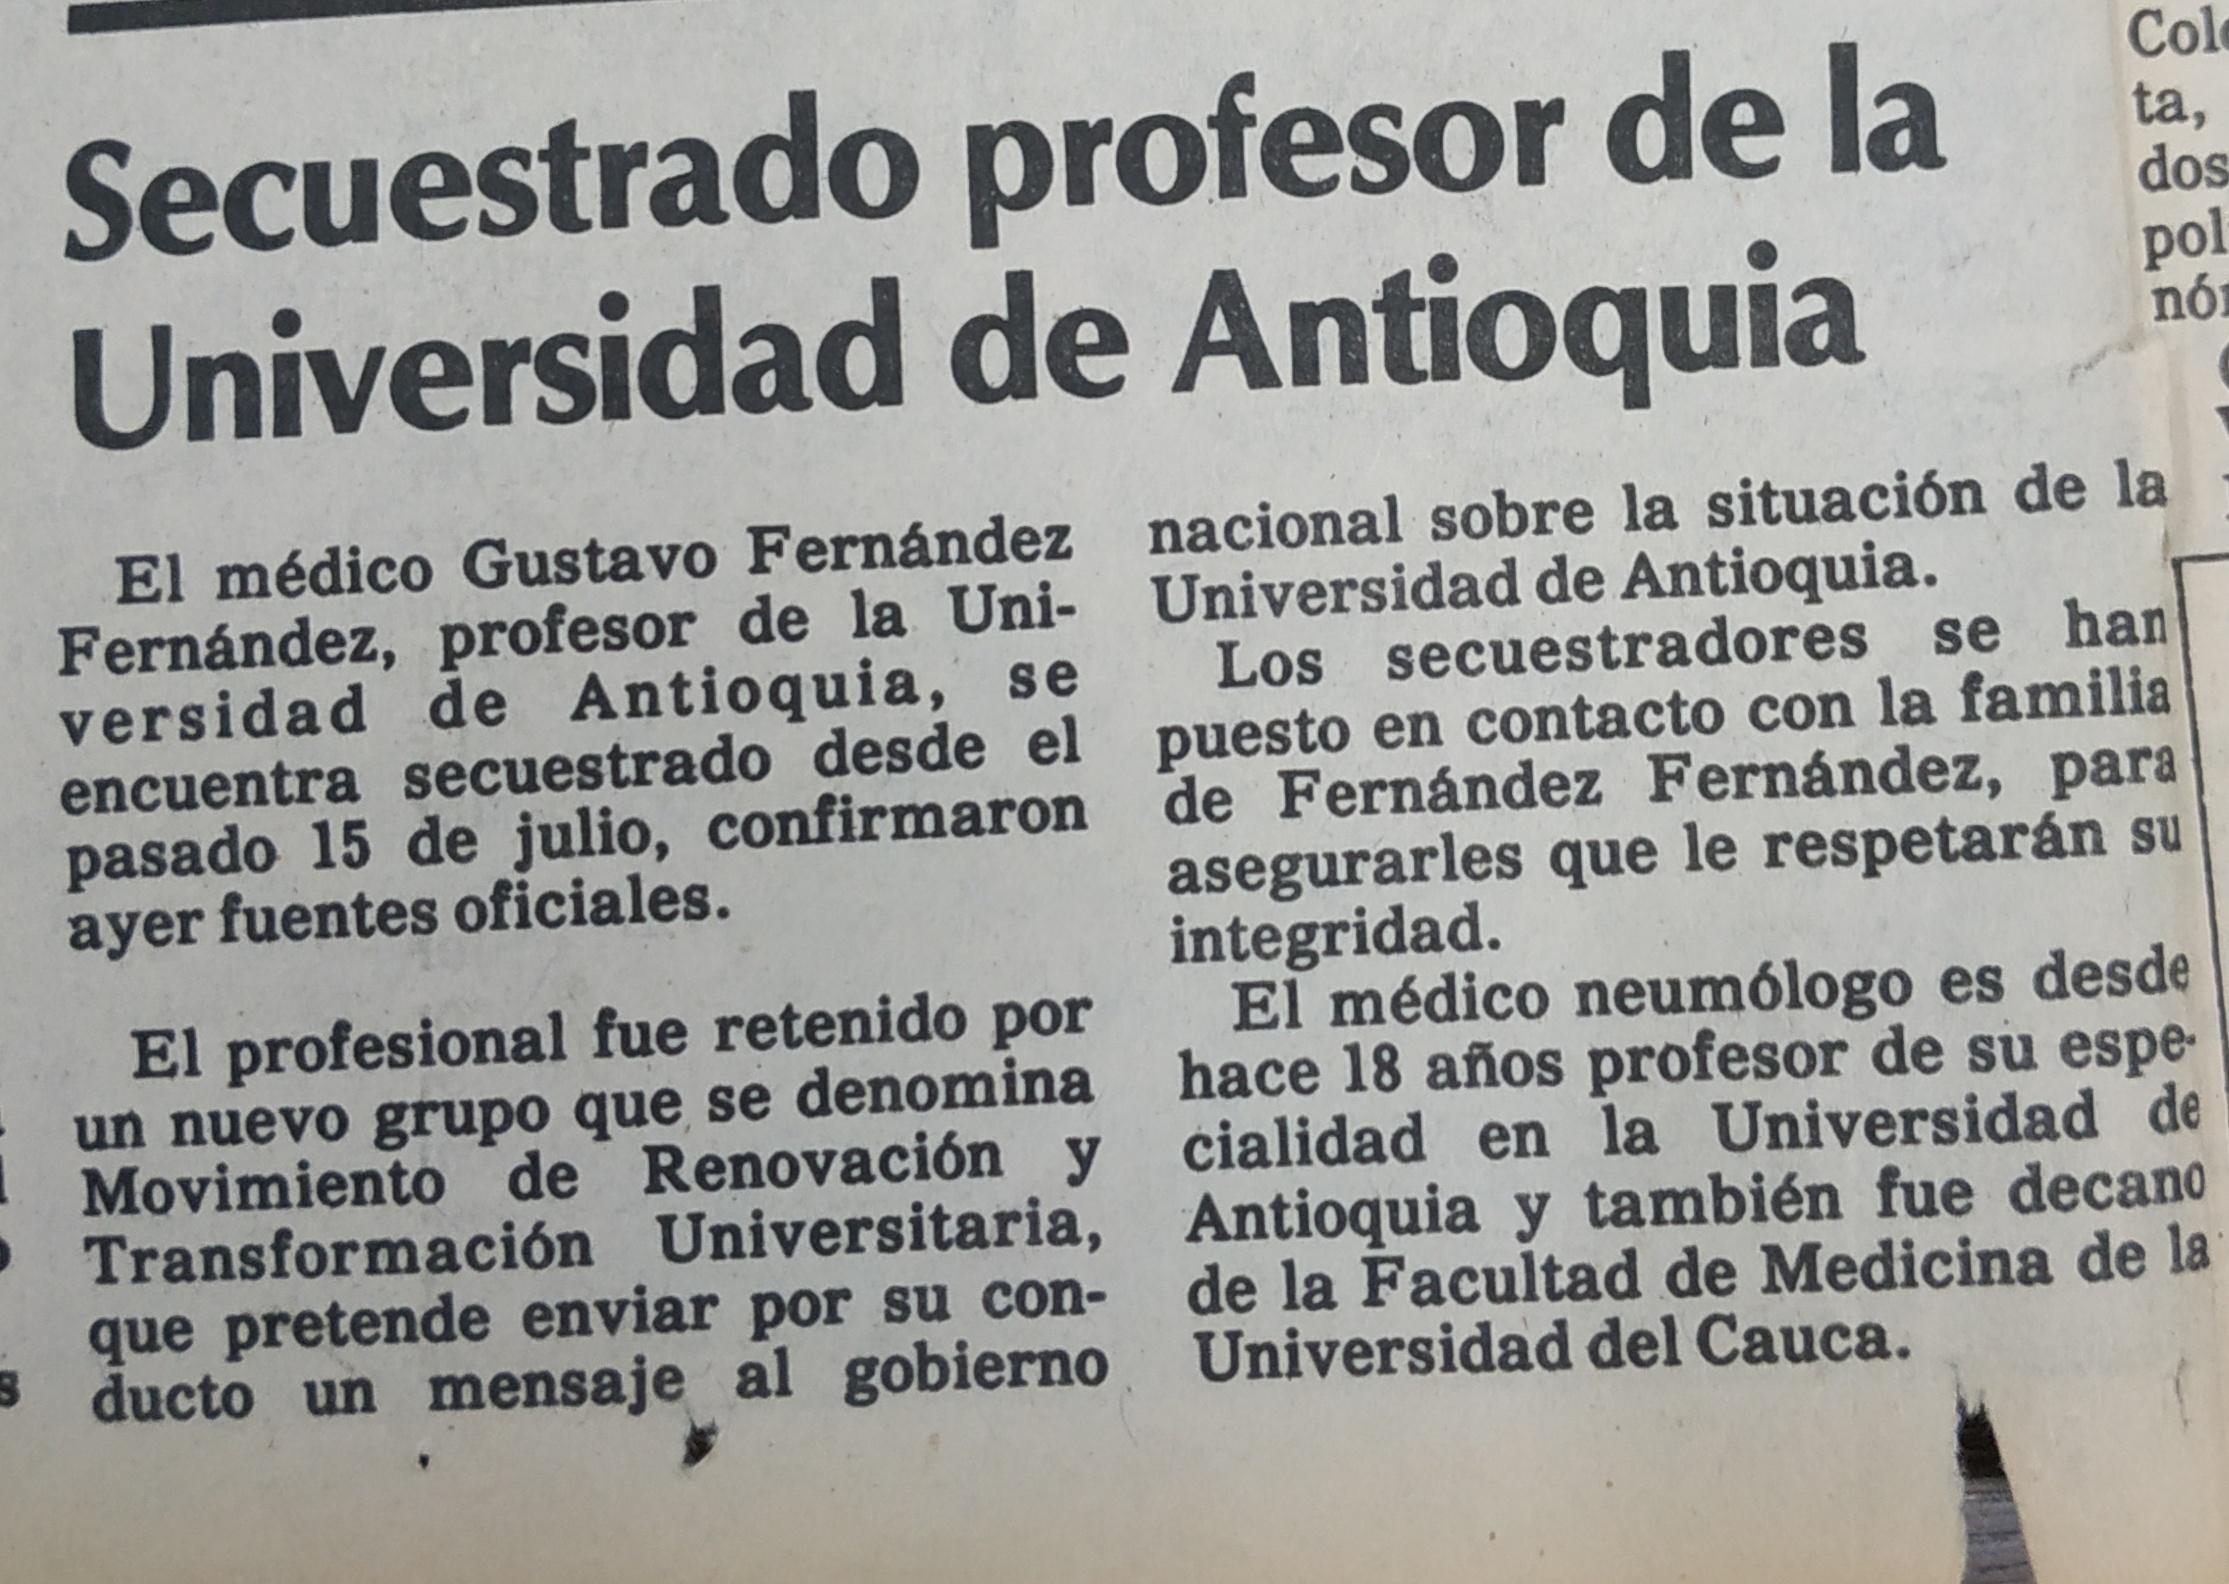 Fotografía tomada de la edición del 22 de julio de 1988 del periódico El Colombiano